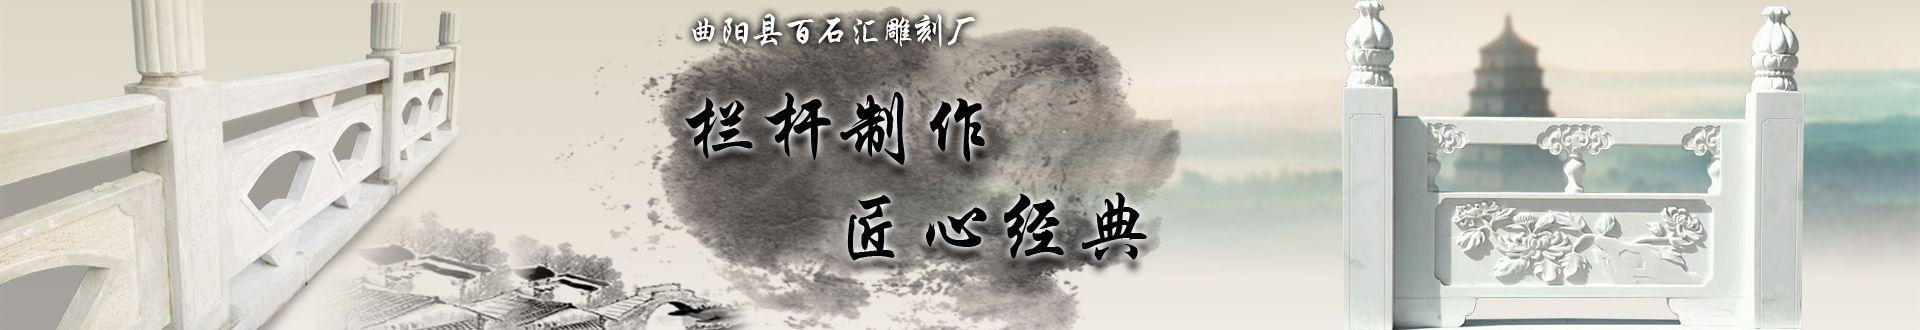 曲阳县百石汇雕刻厂